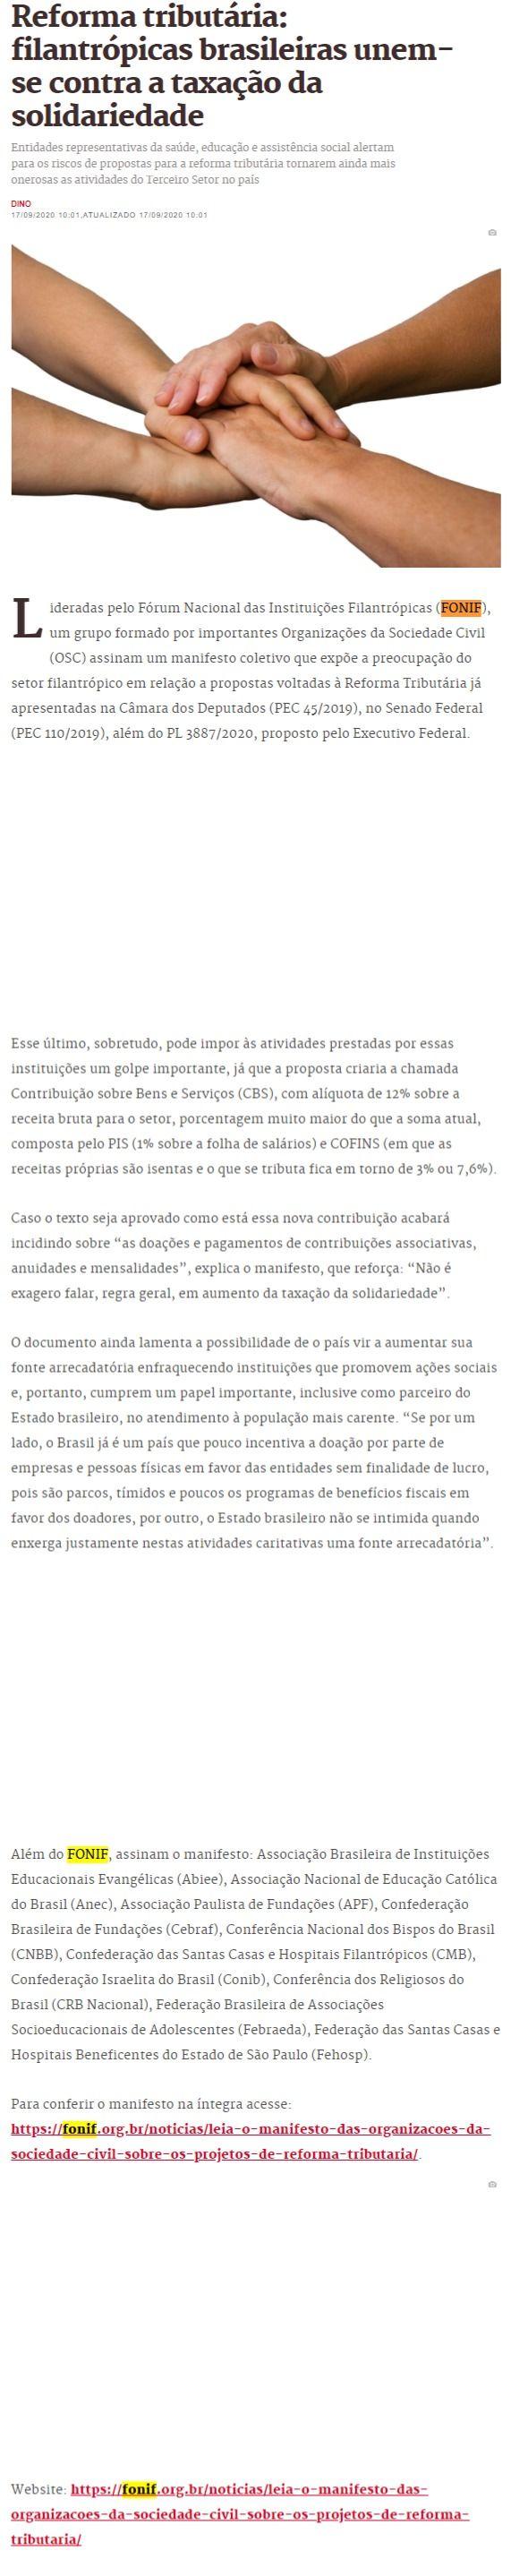 Reforma tributária: filantrópicas brasileiras unem-se contra a taxação da solidariedade Metrópoles